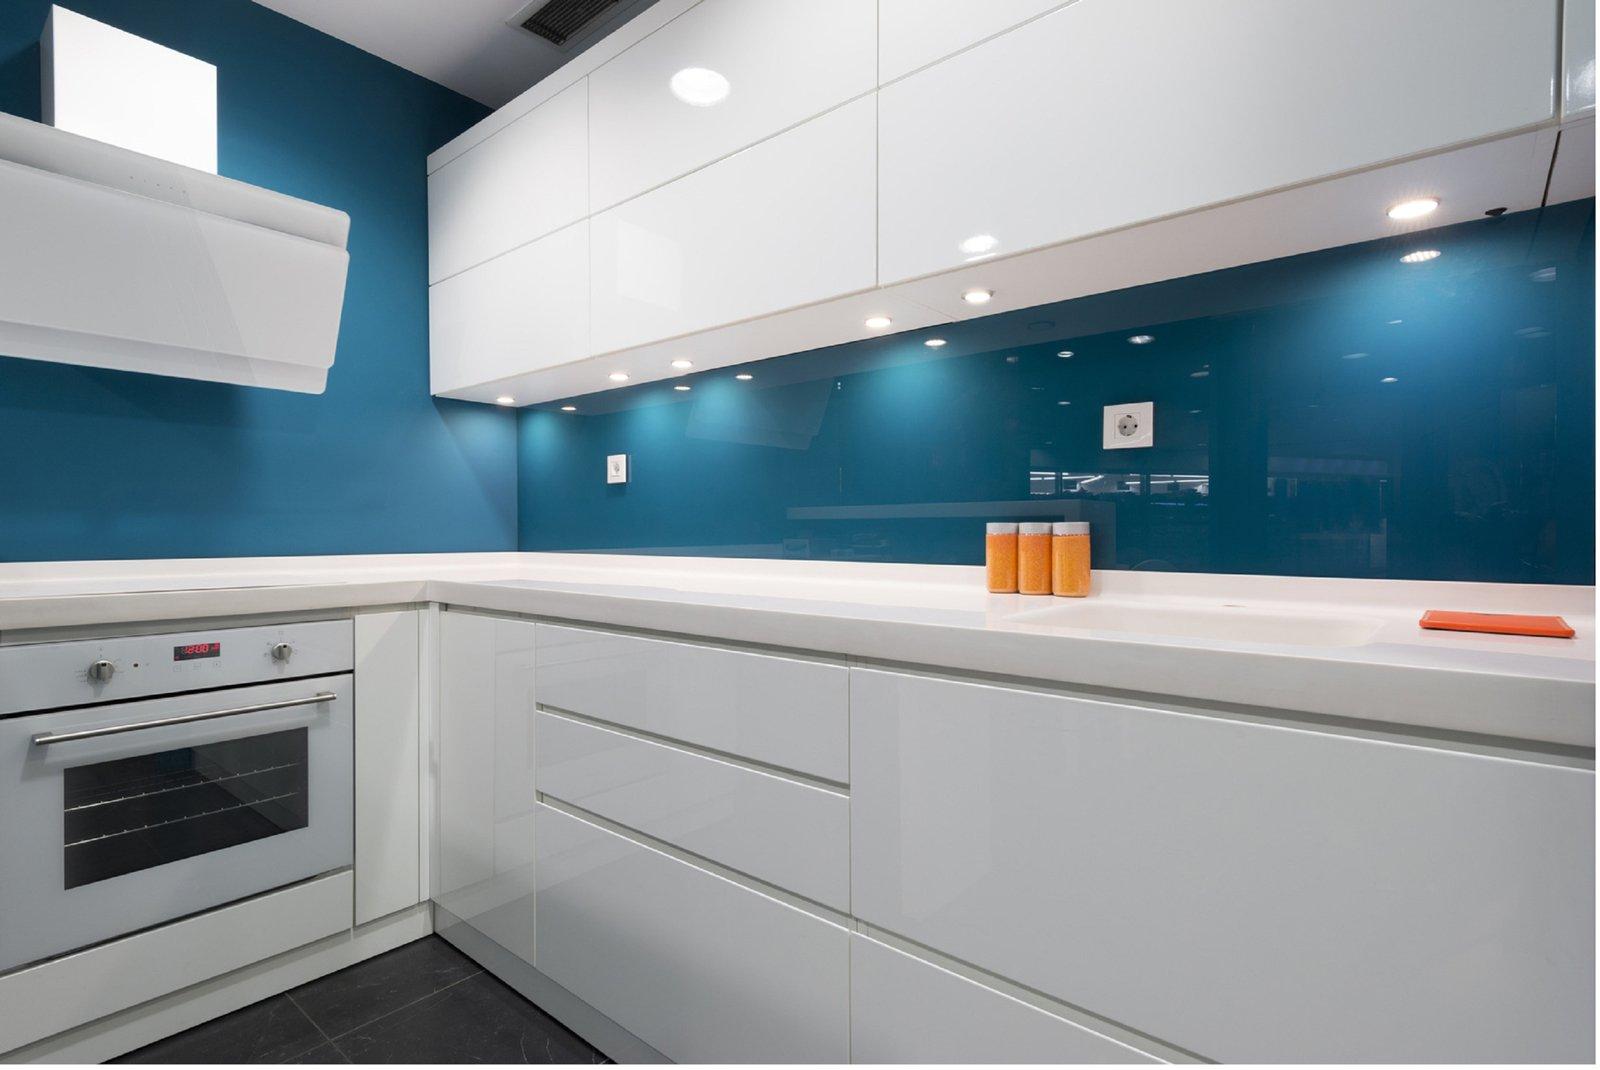 Parete di lavagna in cucina: lavagna design canlic for. la lavagna ...